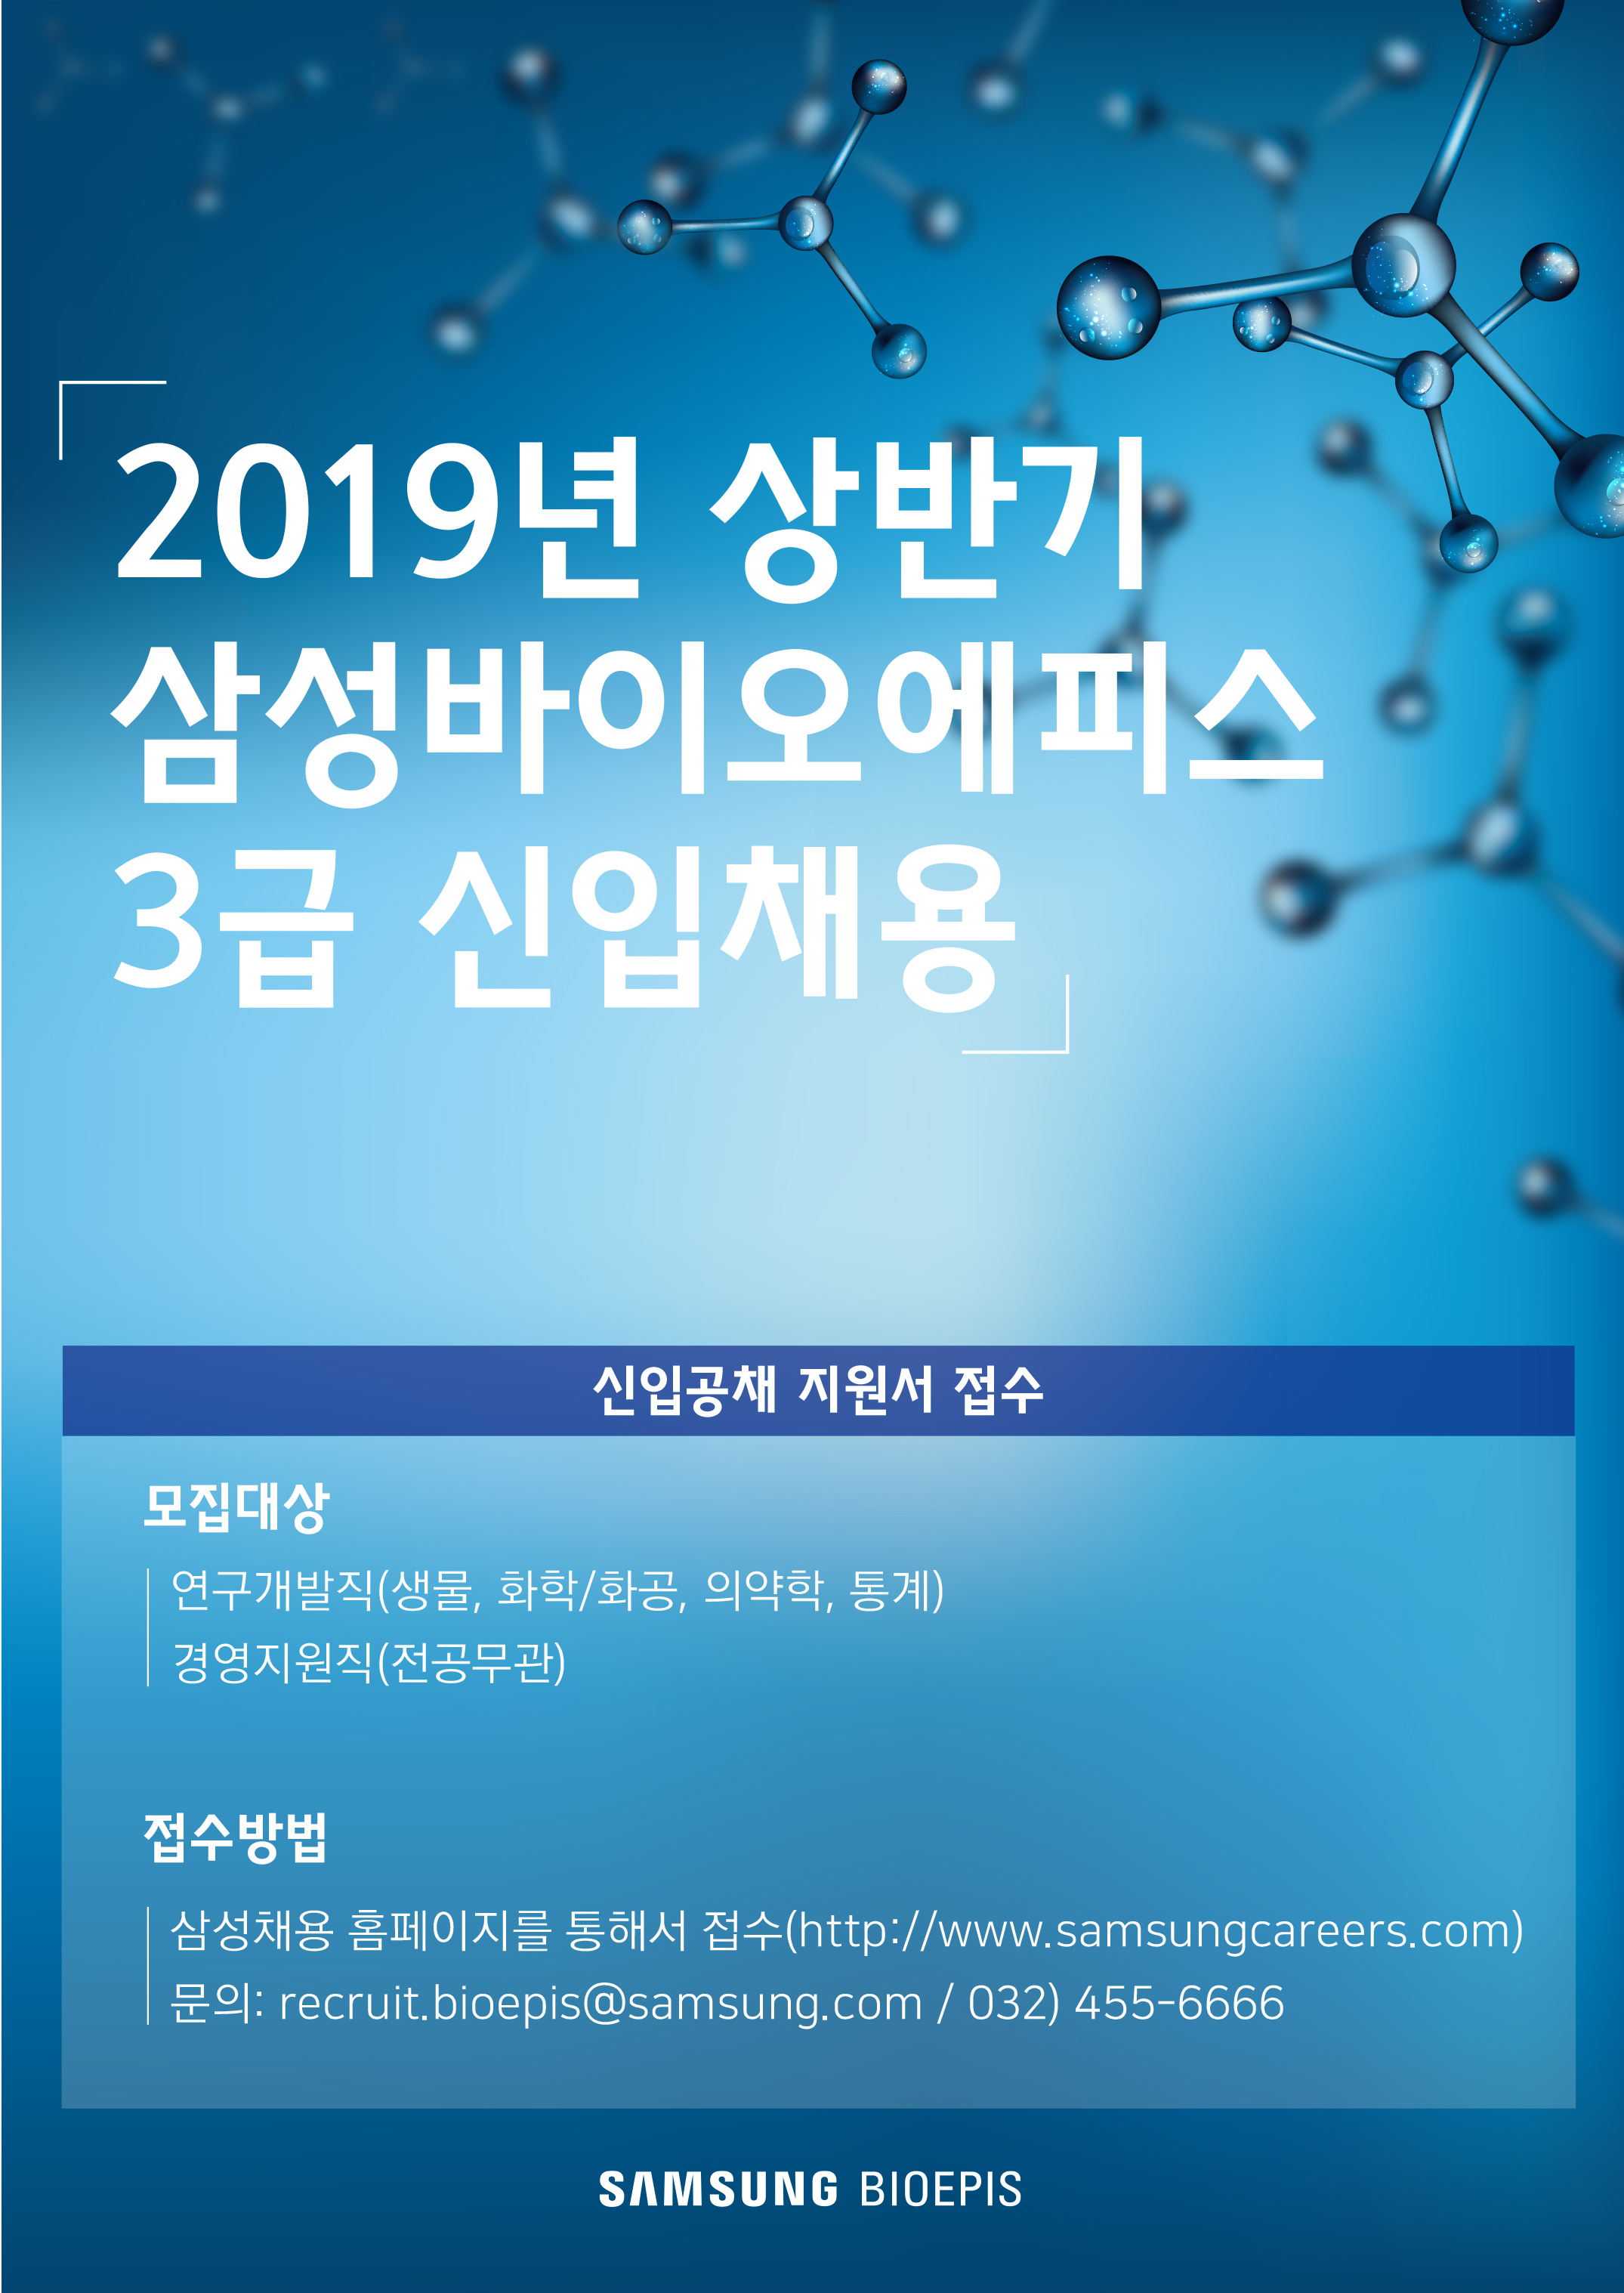 3급신입공채 홍보 포스터.jpg